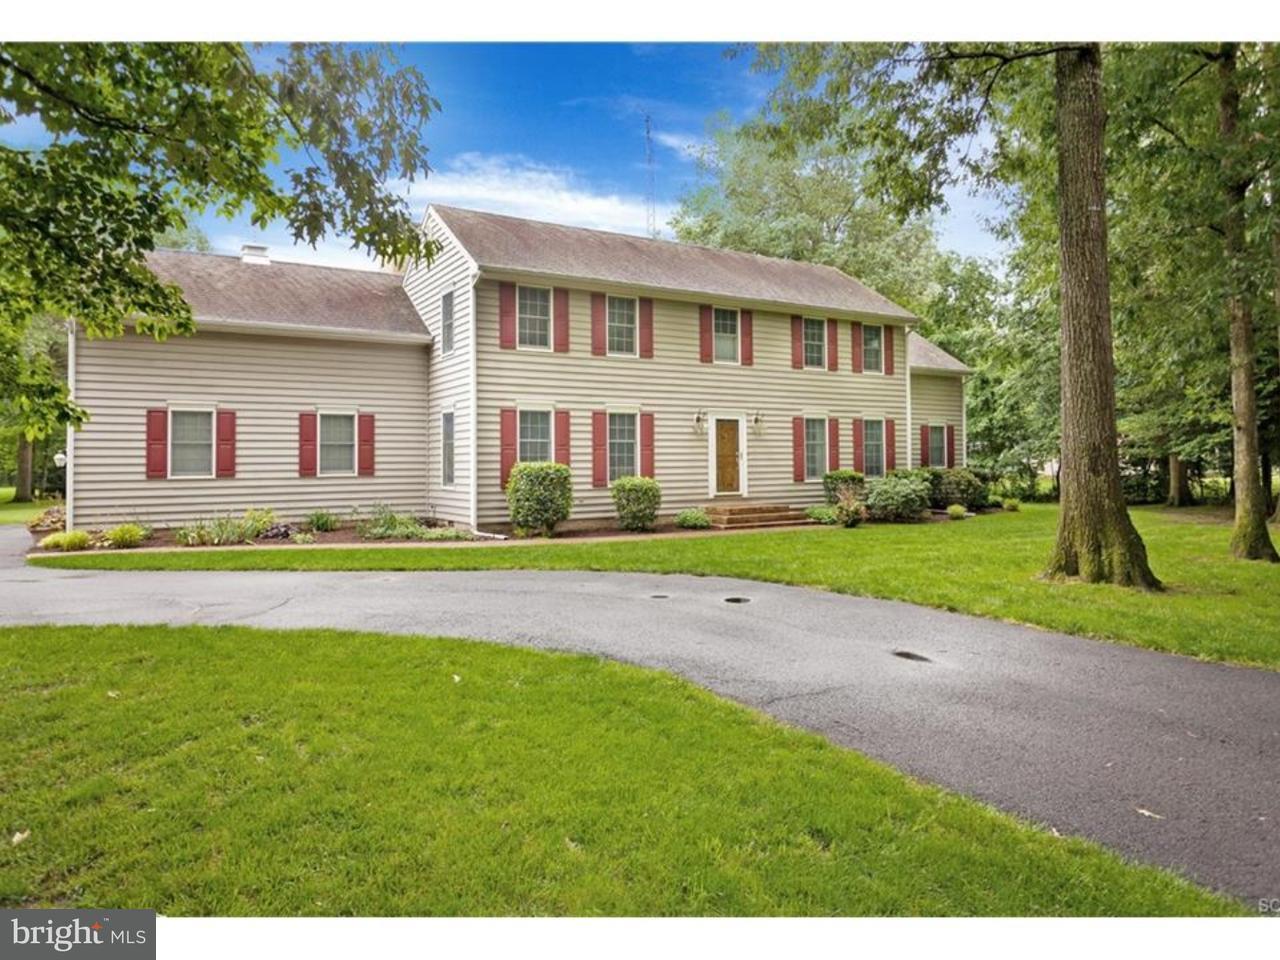 Einfamilienhaus für Verkauf beim 15581 QUAIL HOLLOW Road Greenwood, Delaware 19950 Vereinigte Staaten